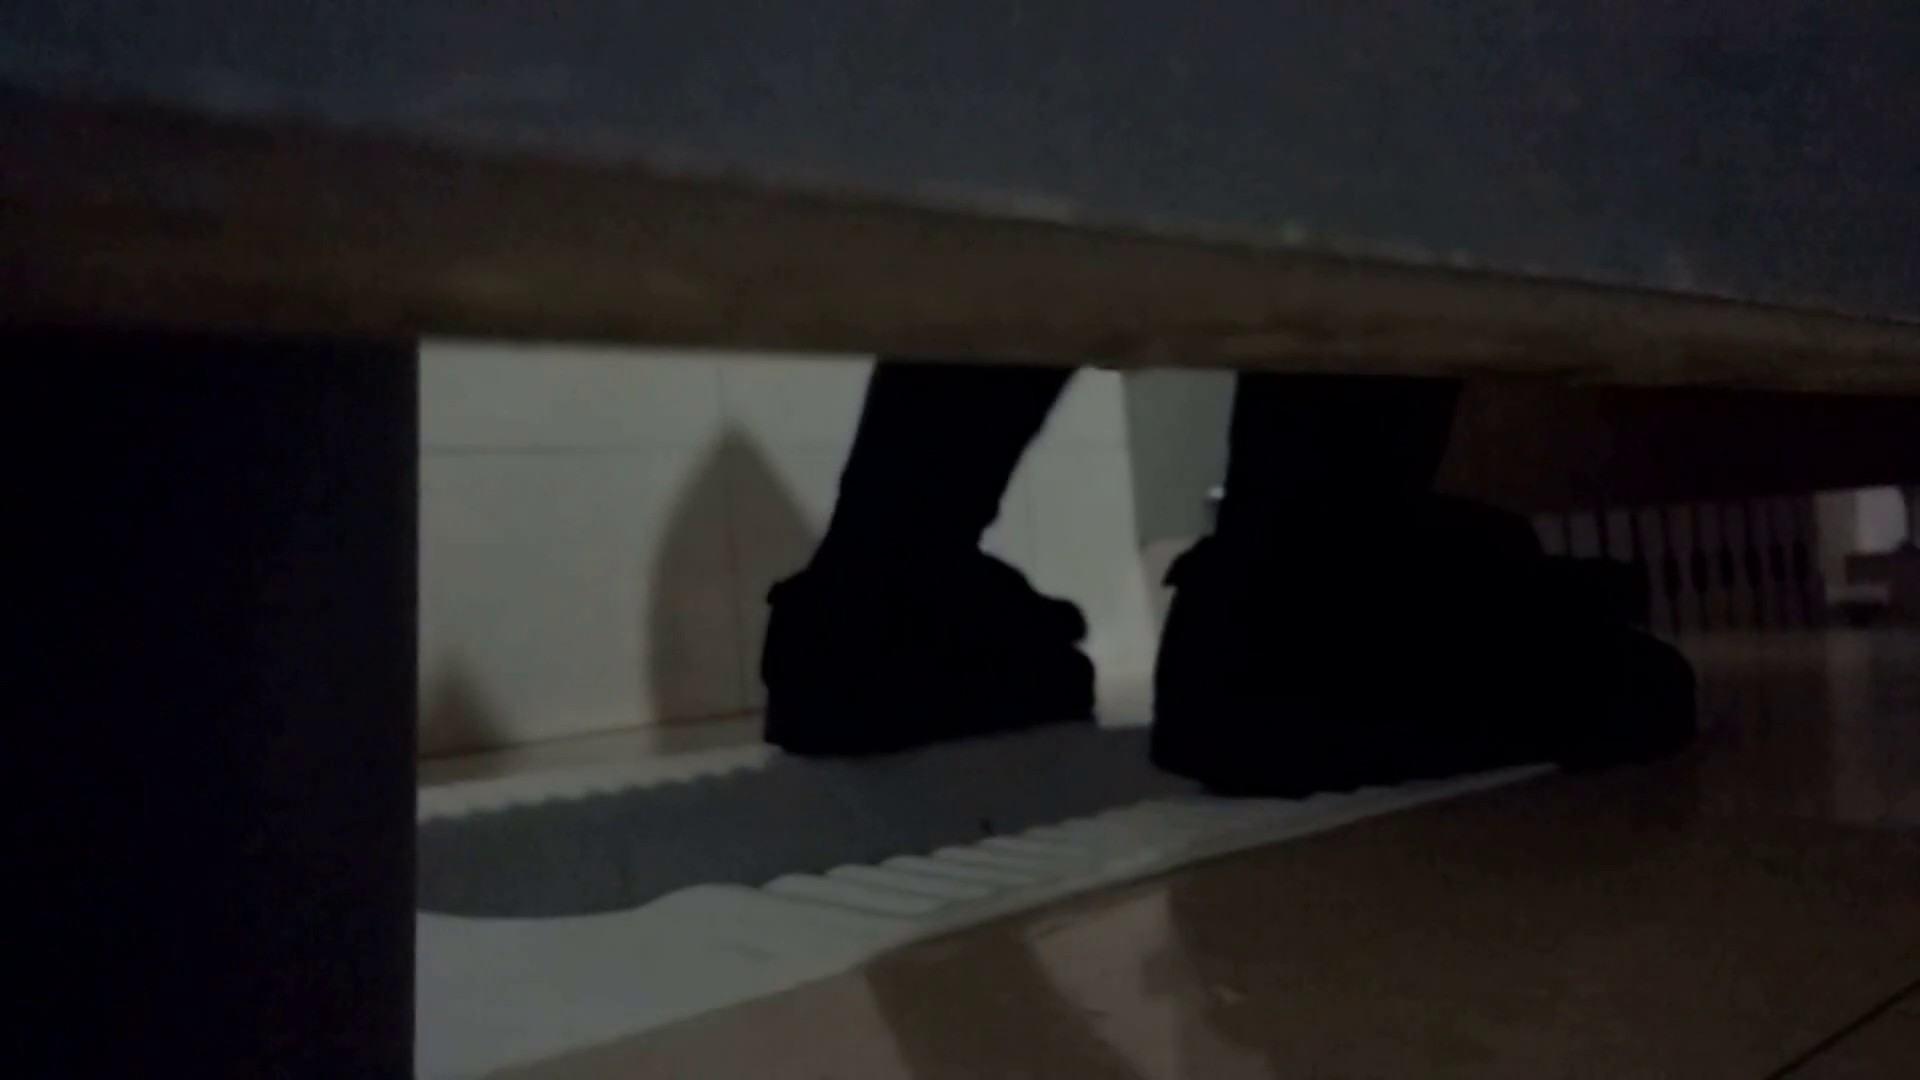 芸術大学ガチ潜入盗撮 JD盗撮 美女の洗面所の秘密 Vol.98 OL | トイレ中  72連発 32